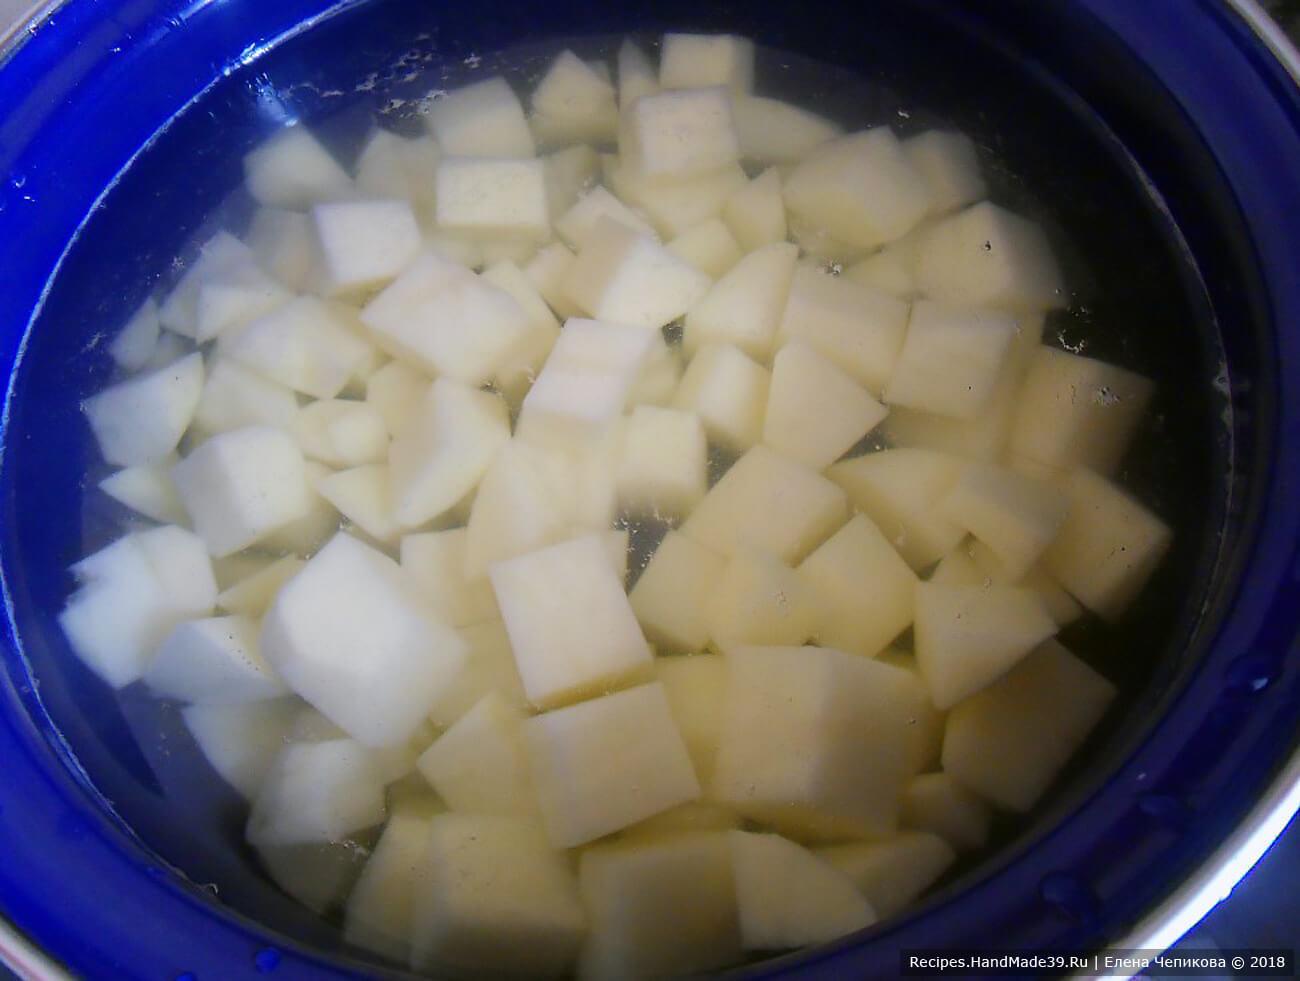 Картофель очистить, нарезать кубиками, отварить в подсоленной воде